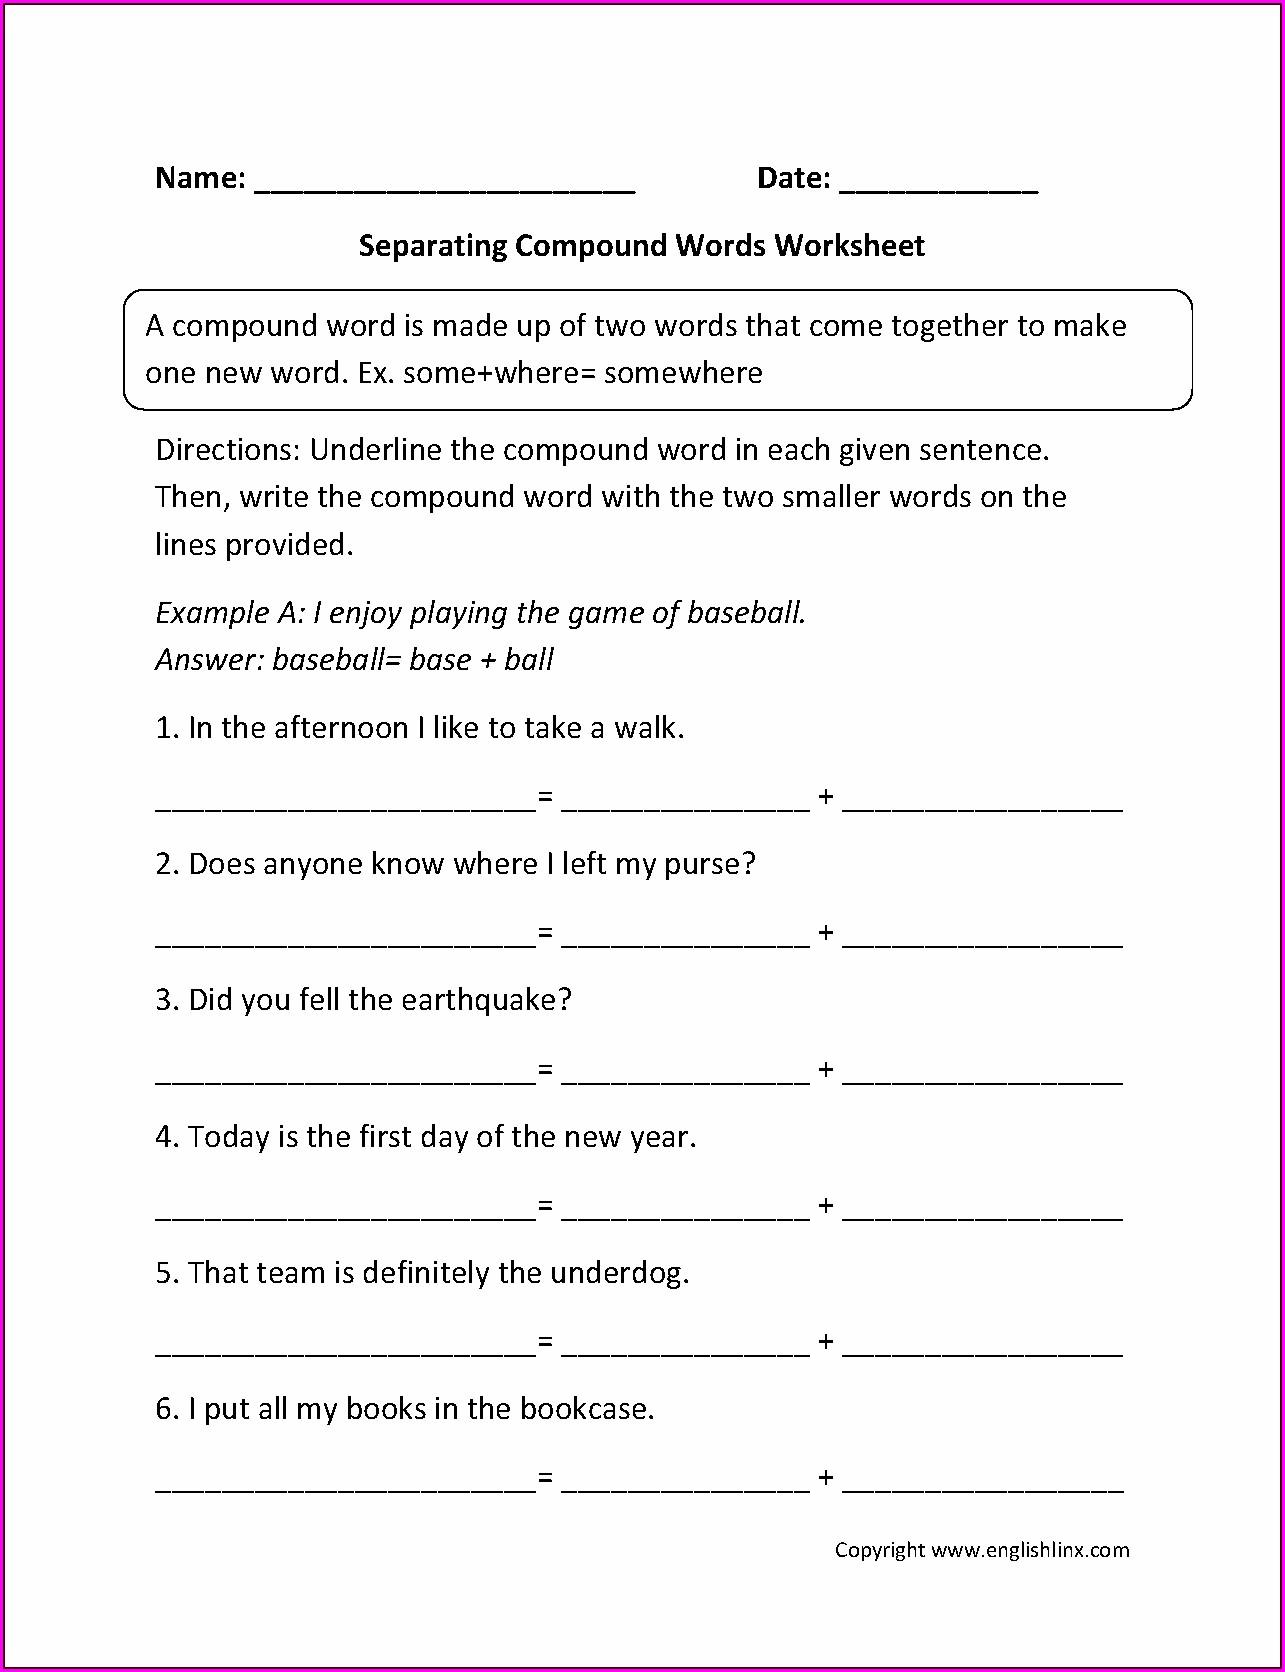 Grade 9 7th Grade Compound Words Worksheet Worksheet